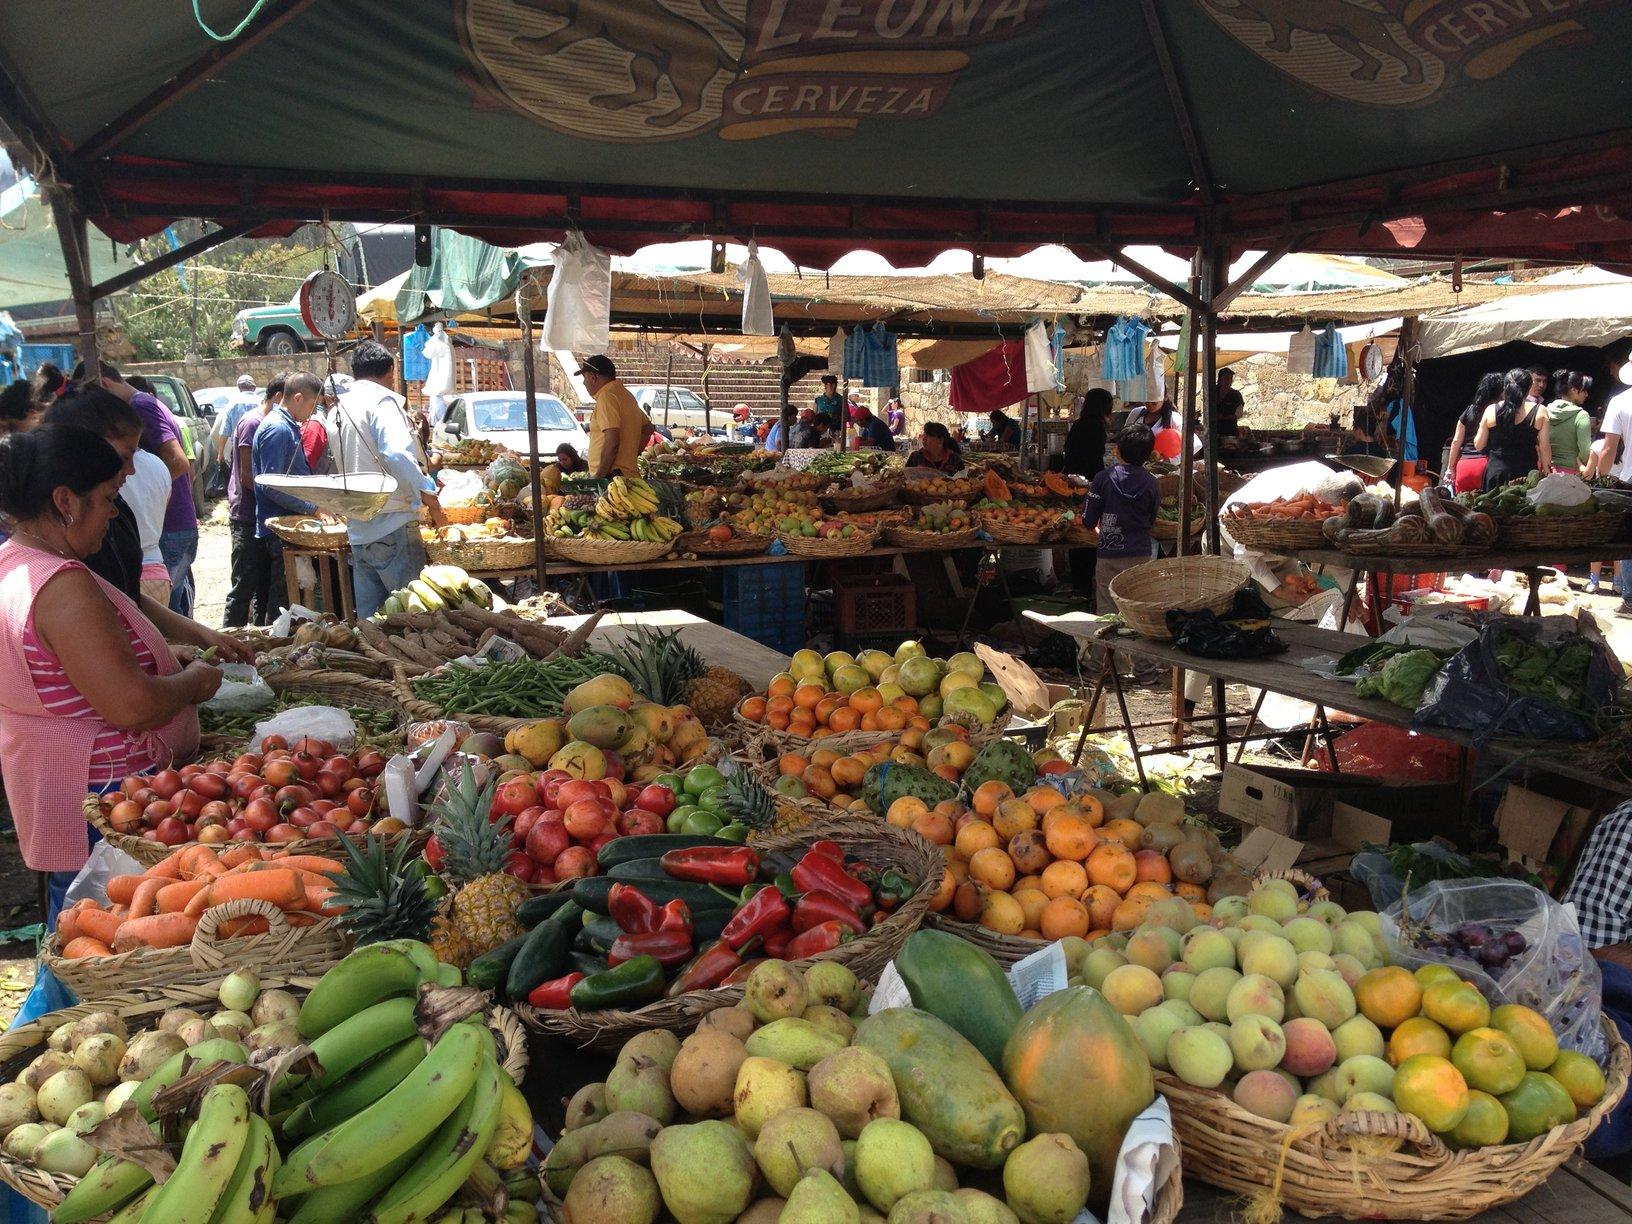 exotische markt met fruit